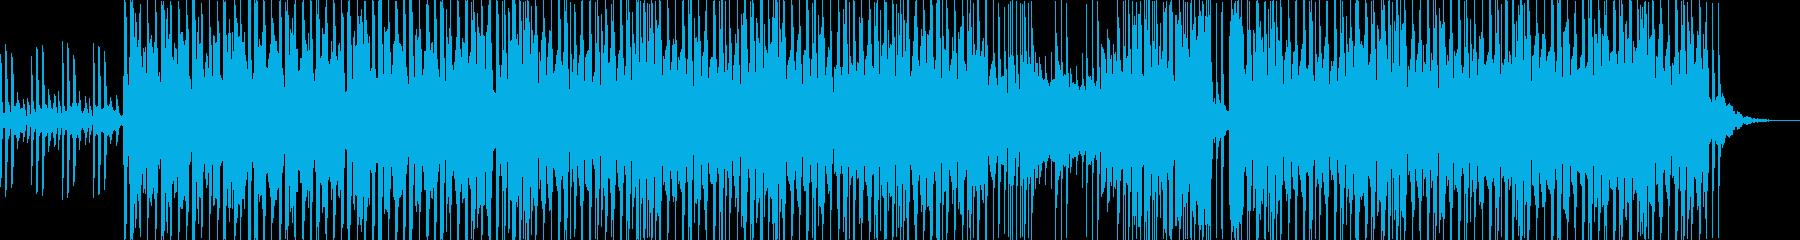 【Vlog】爽やかトロピカルハウスEDMの再生済みの波形